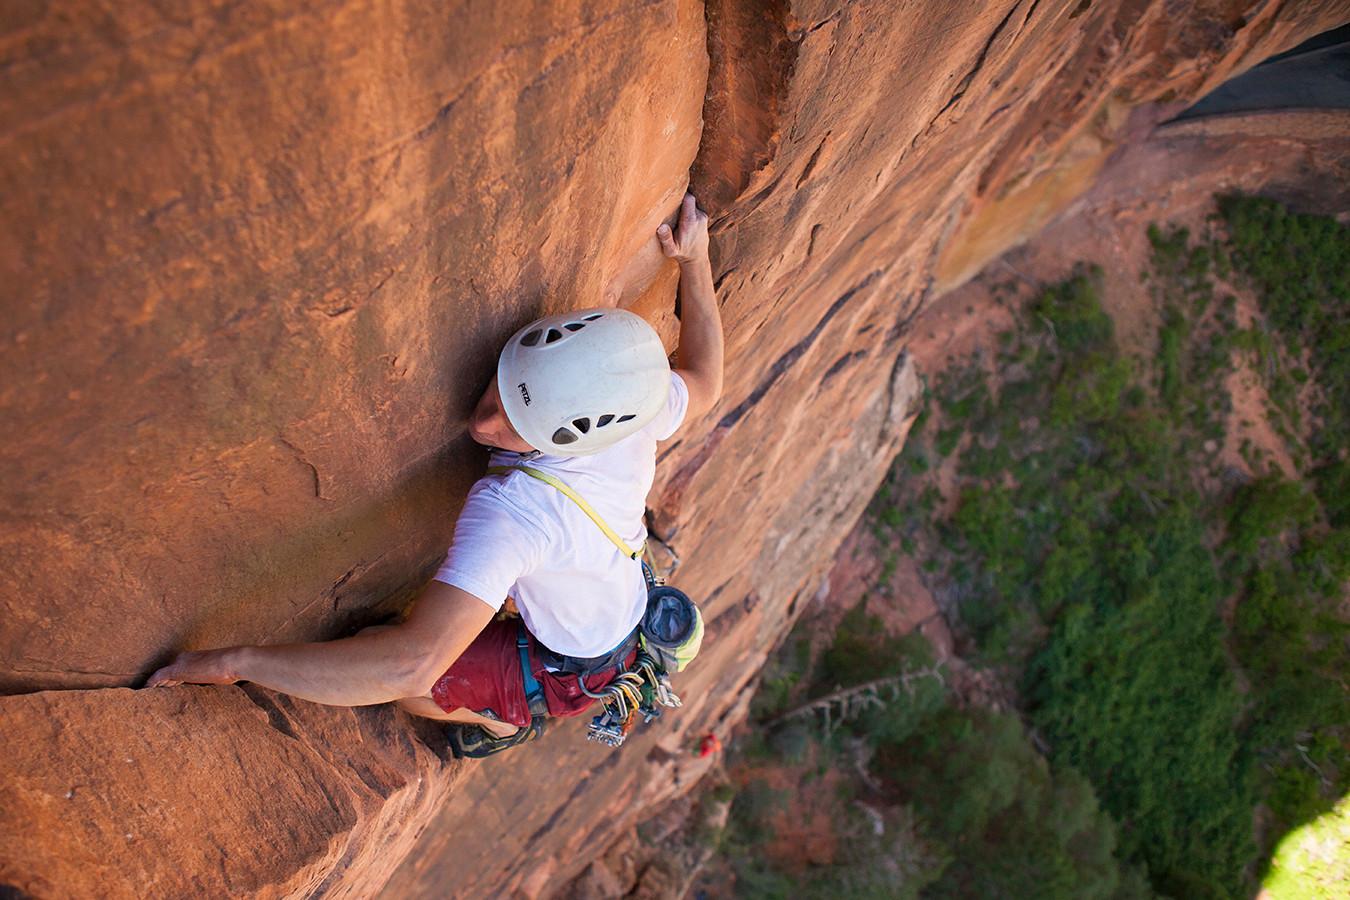 Zach Lee Rock Climbing